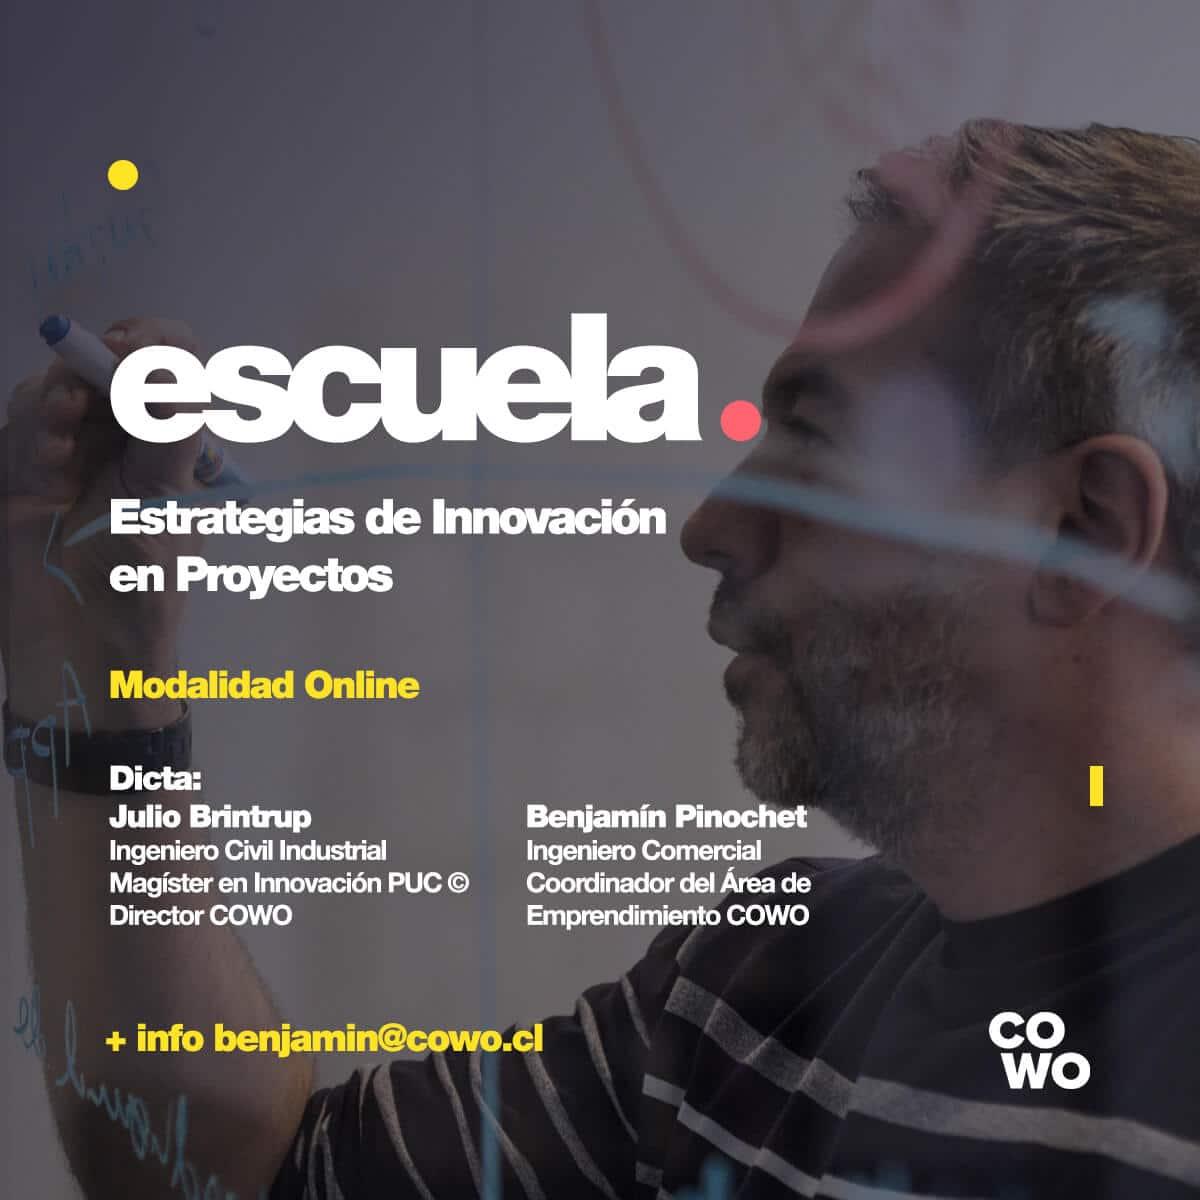 Estrategias de Innovación en Proyectos